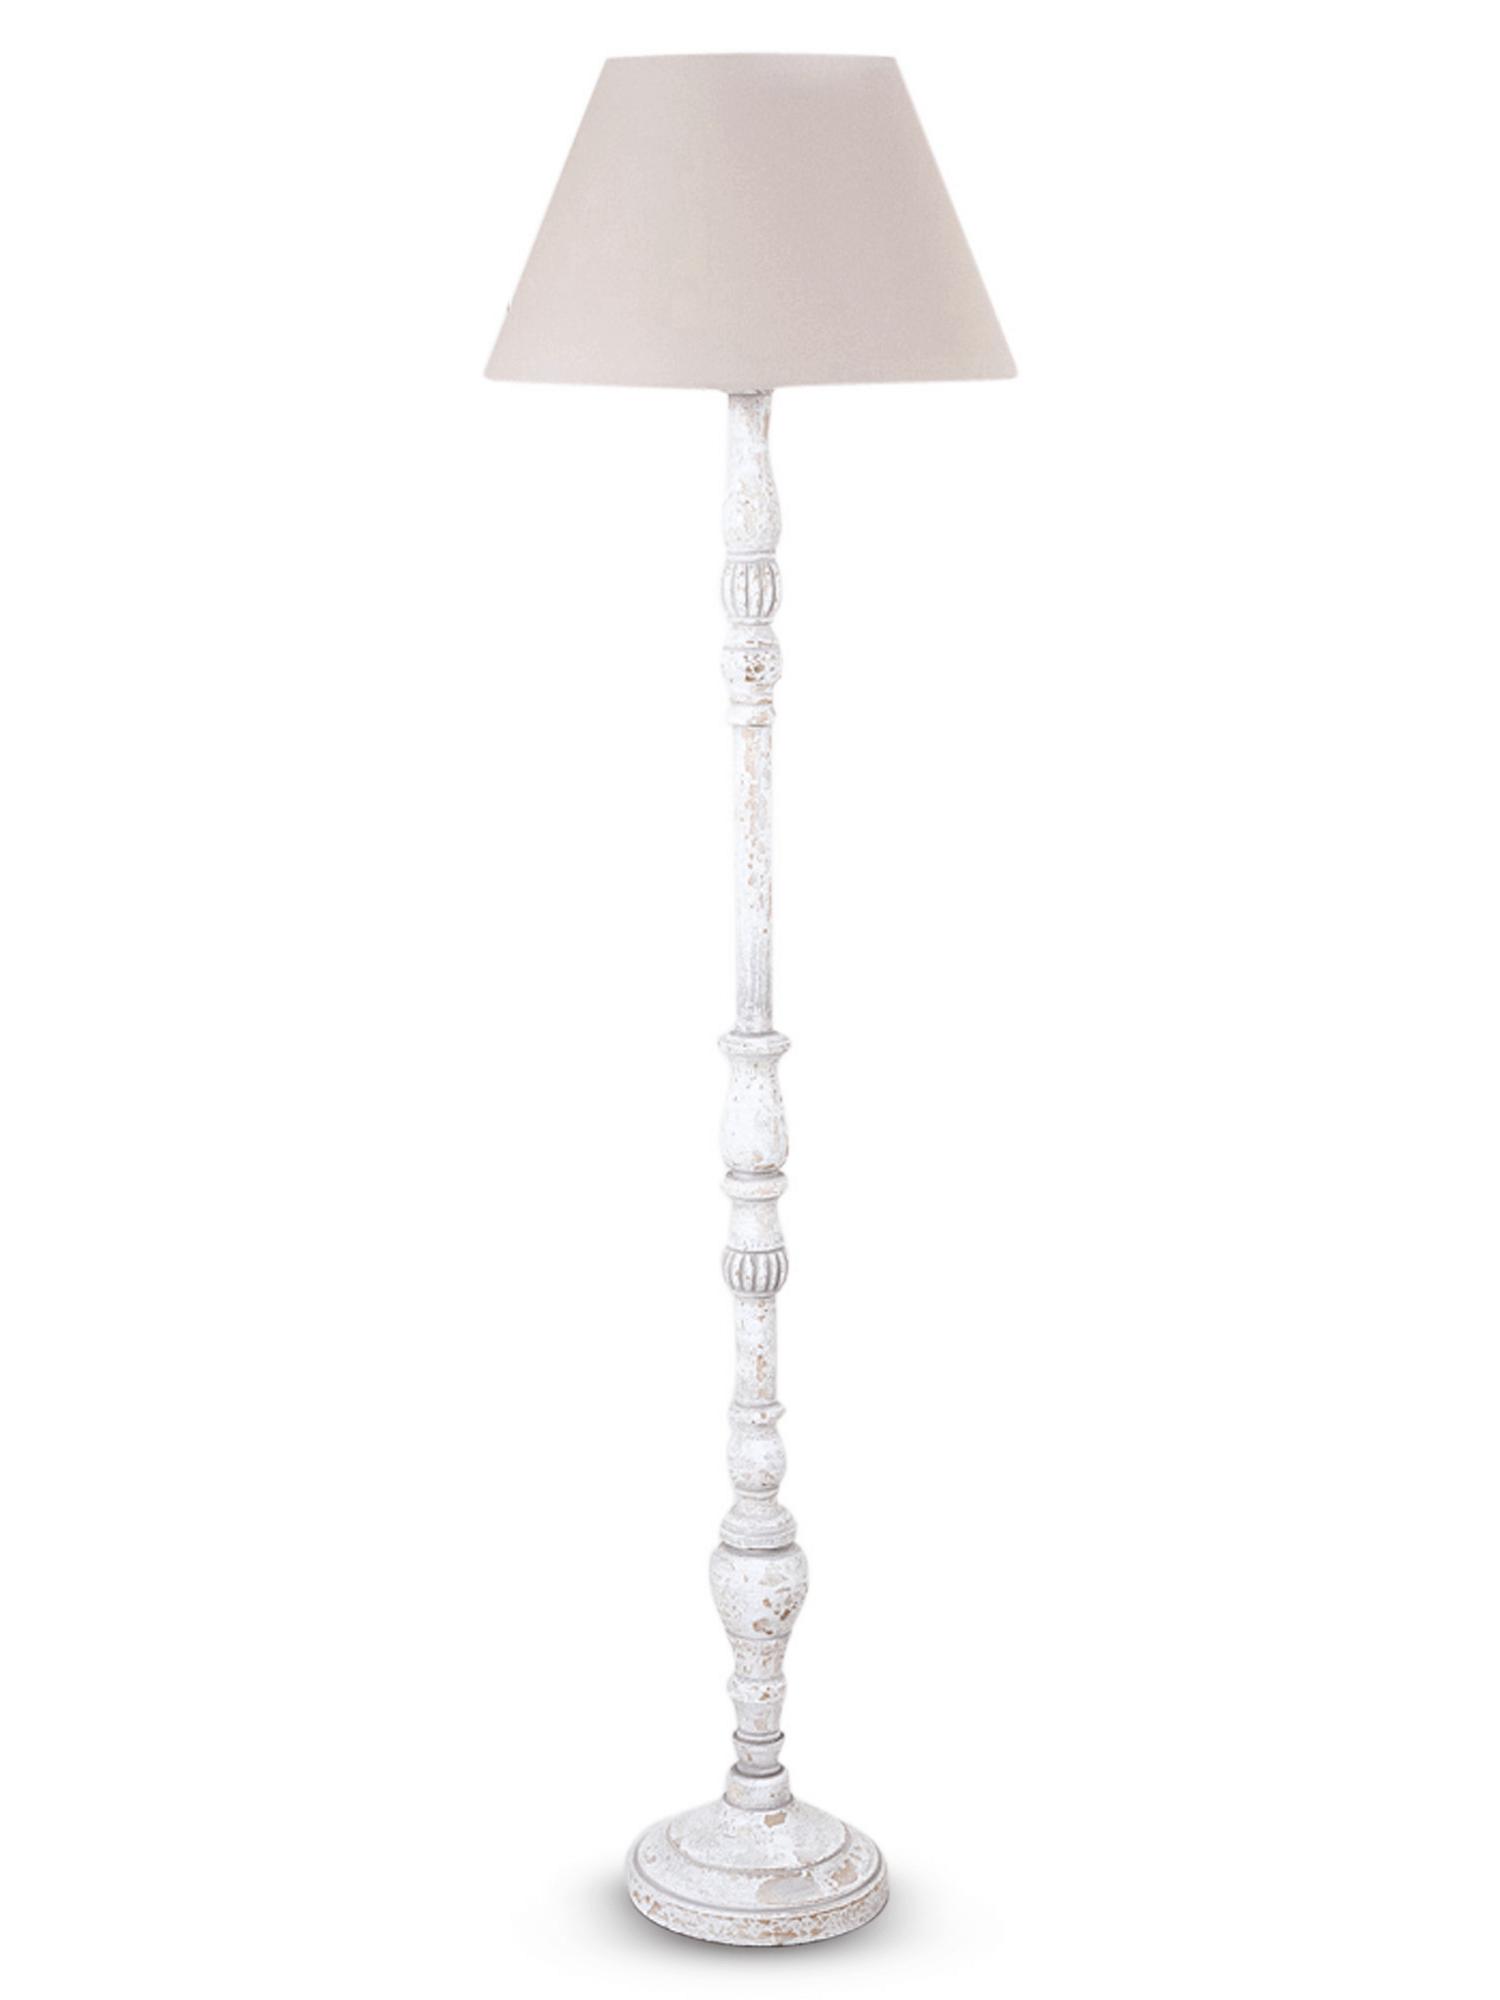 New Elegant White Wooden Floor Lamp Wooden Floor Lamps White